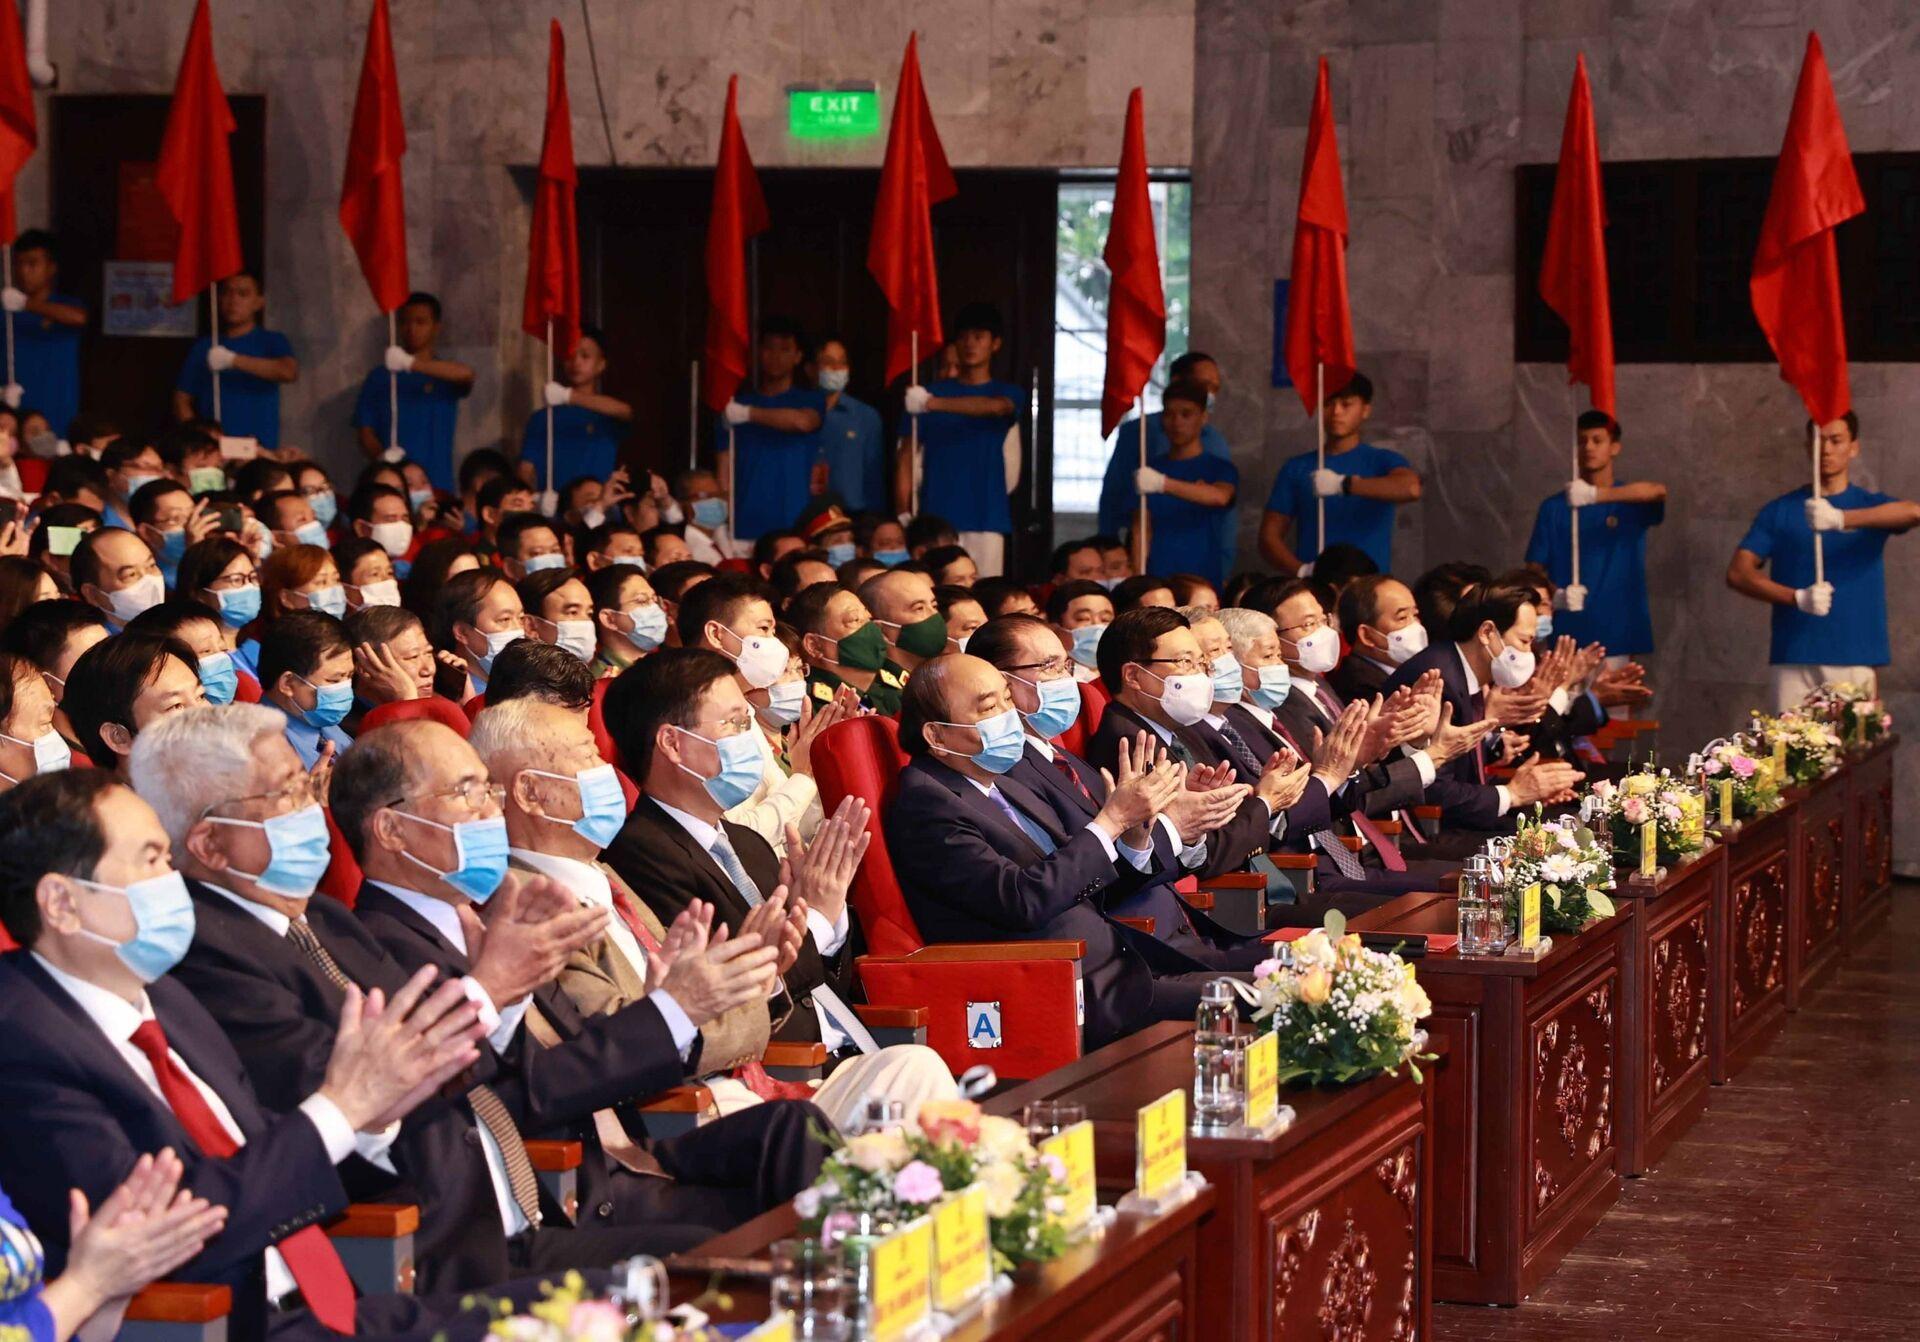 Sau 35 năm Đổi mới, Đảng Cộng sản Việt Nam vẫn luôn quan tâm đến giai cấp công nhân - Sputnik Việt Nam, 1920, 28.04.2021